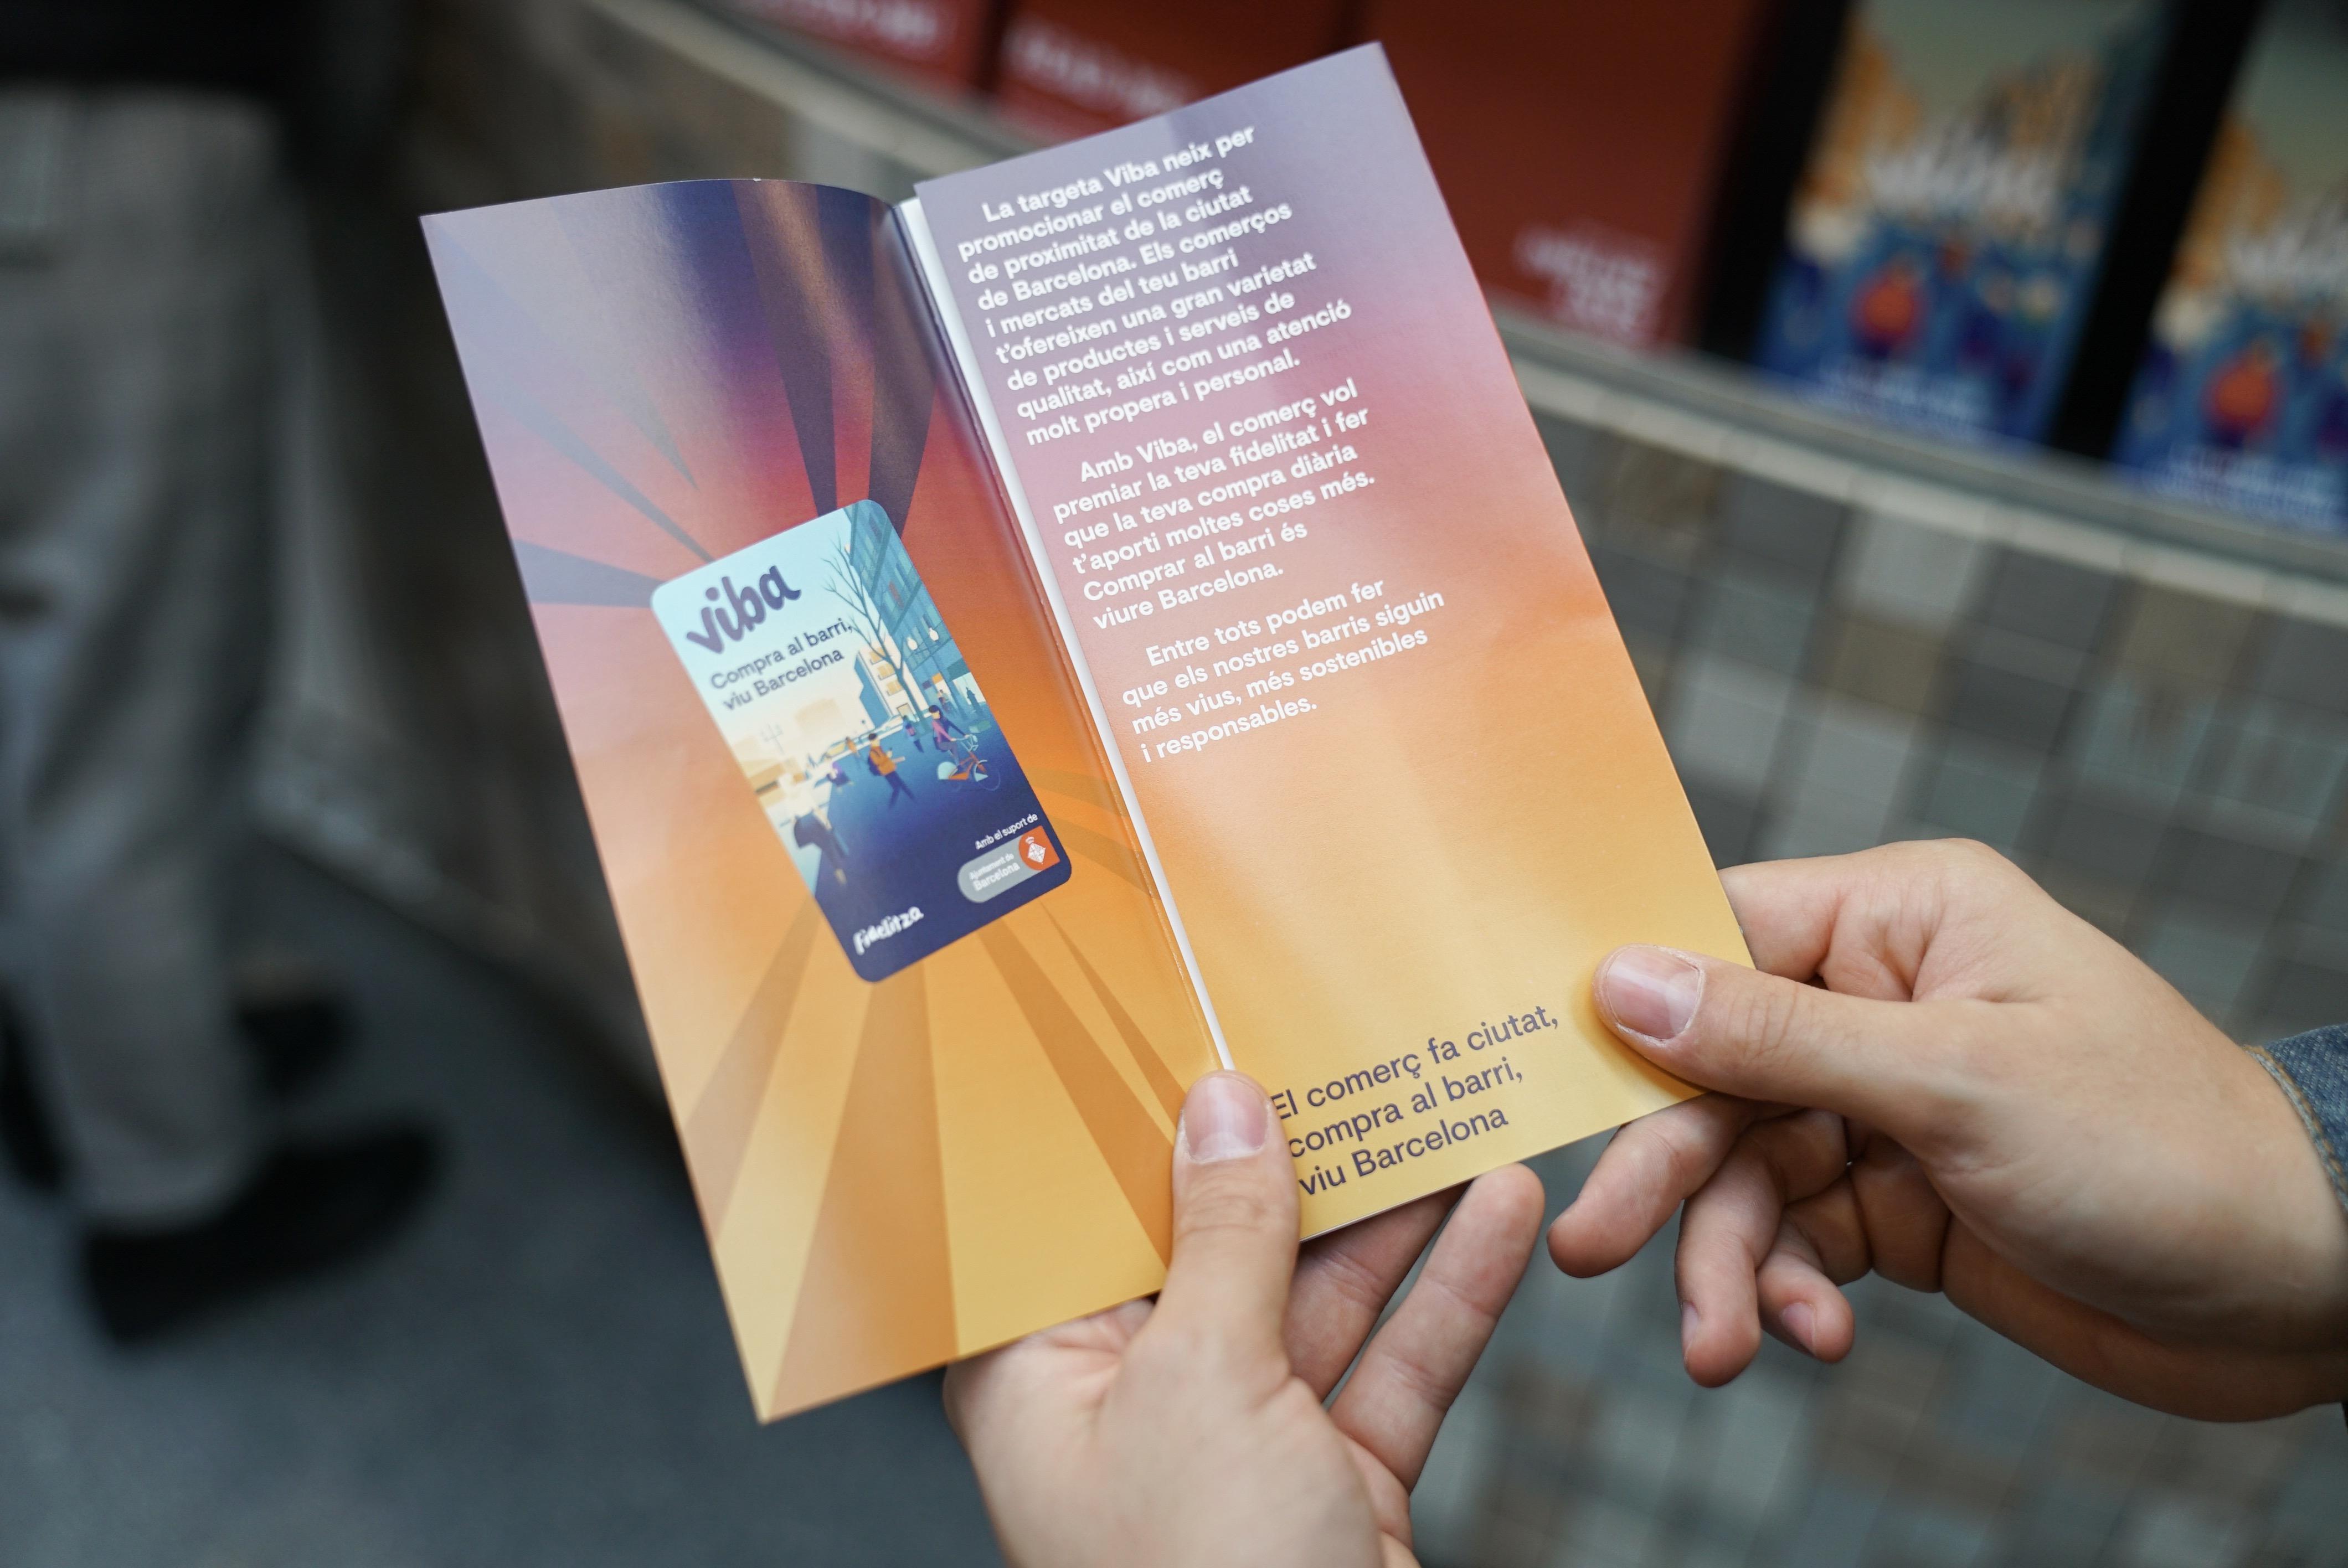 Barcelona pone en marcha Viba.barcelona, la tarjeta de fidelización para el comercio de proximidad